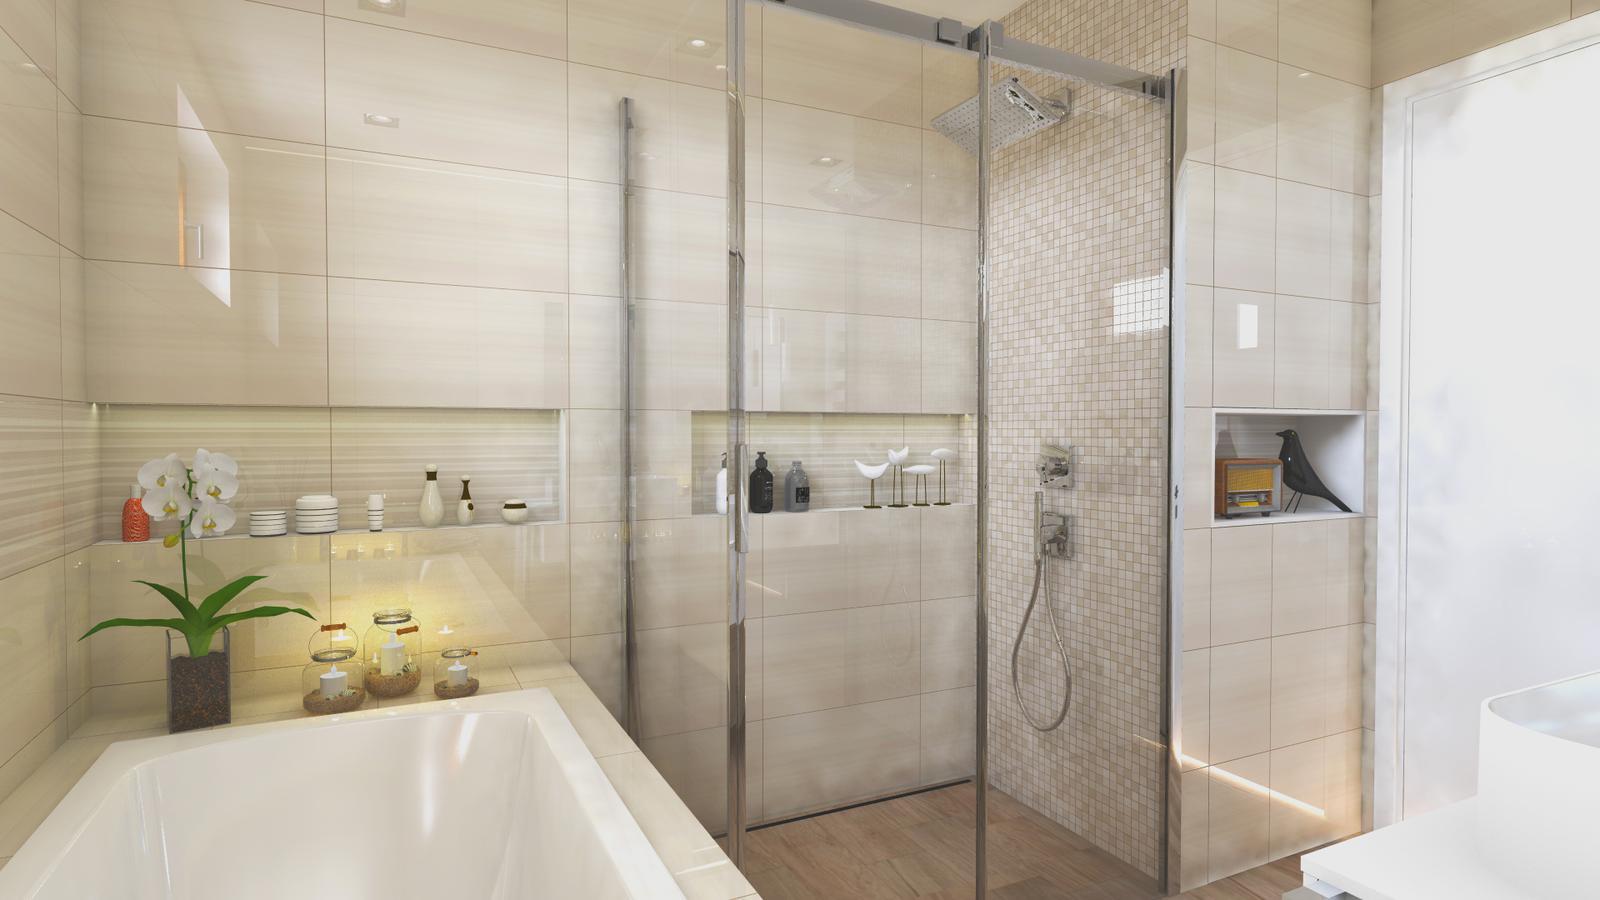 """Vizualizácie kúpeľne - V atypickej skrinke pri sprche je schovaný boiler a spodná časť by mohla byt využitá ako odkladací priestor, alebo na práčku. Predelenie je riešené nikou, ktora je obložená bielym """"drevom""""."""